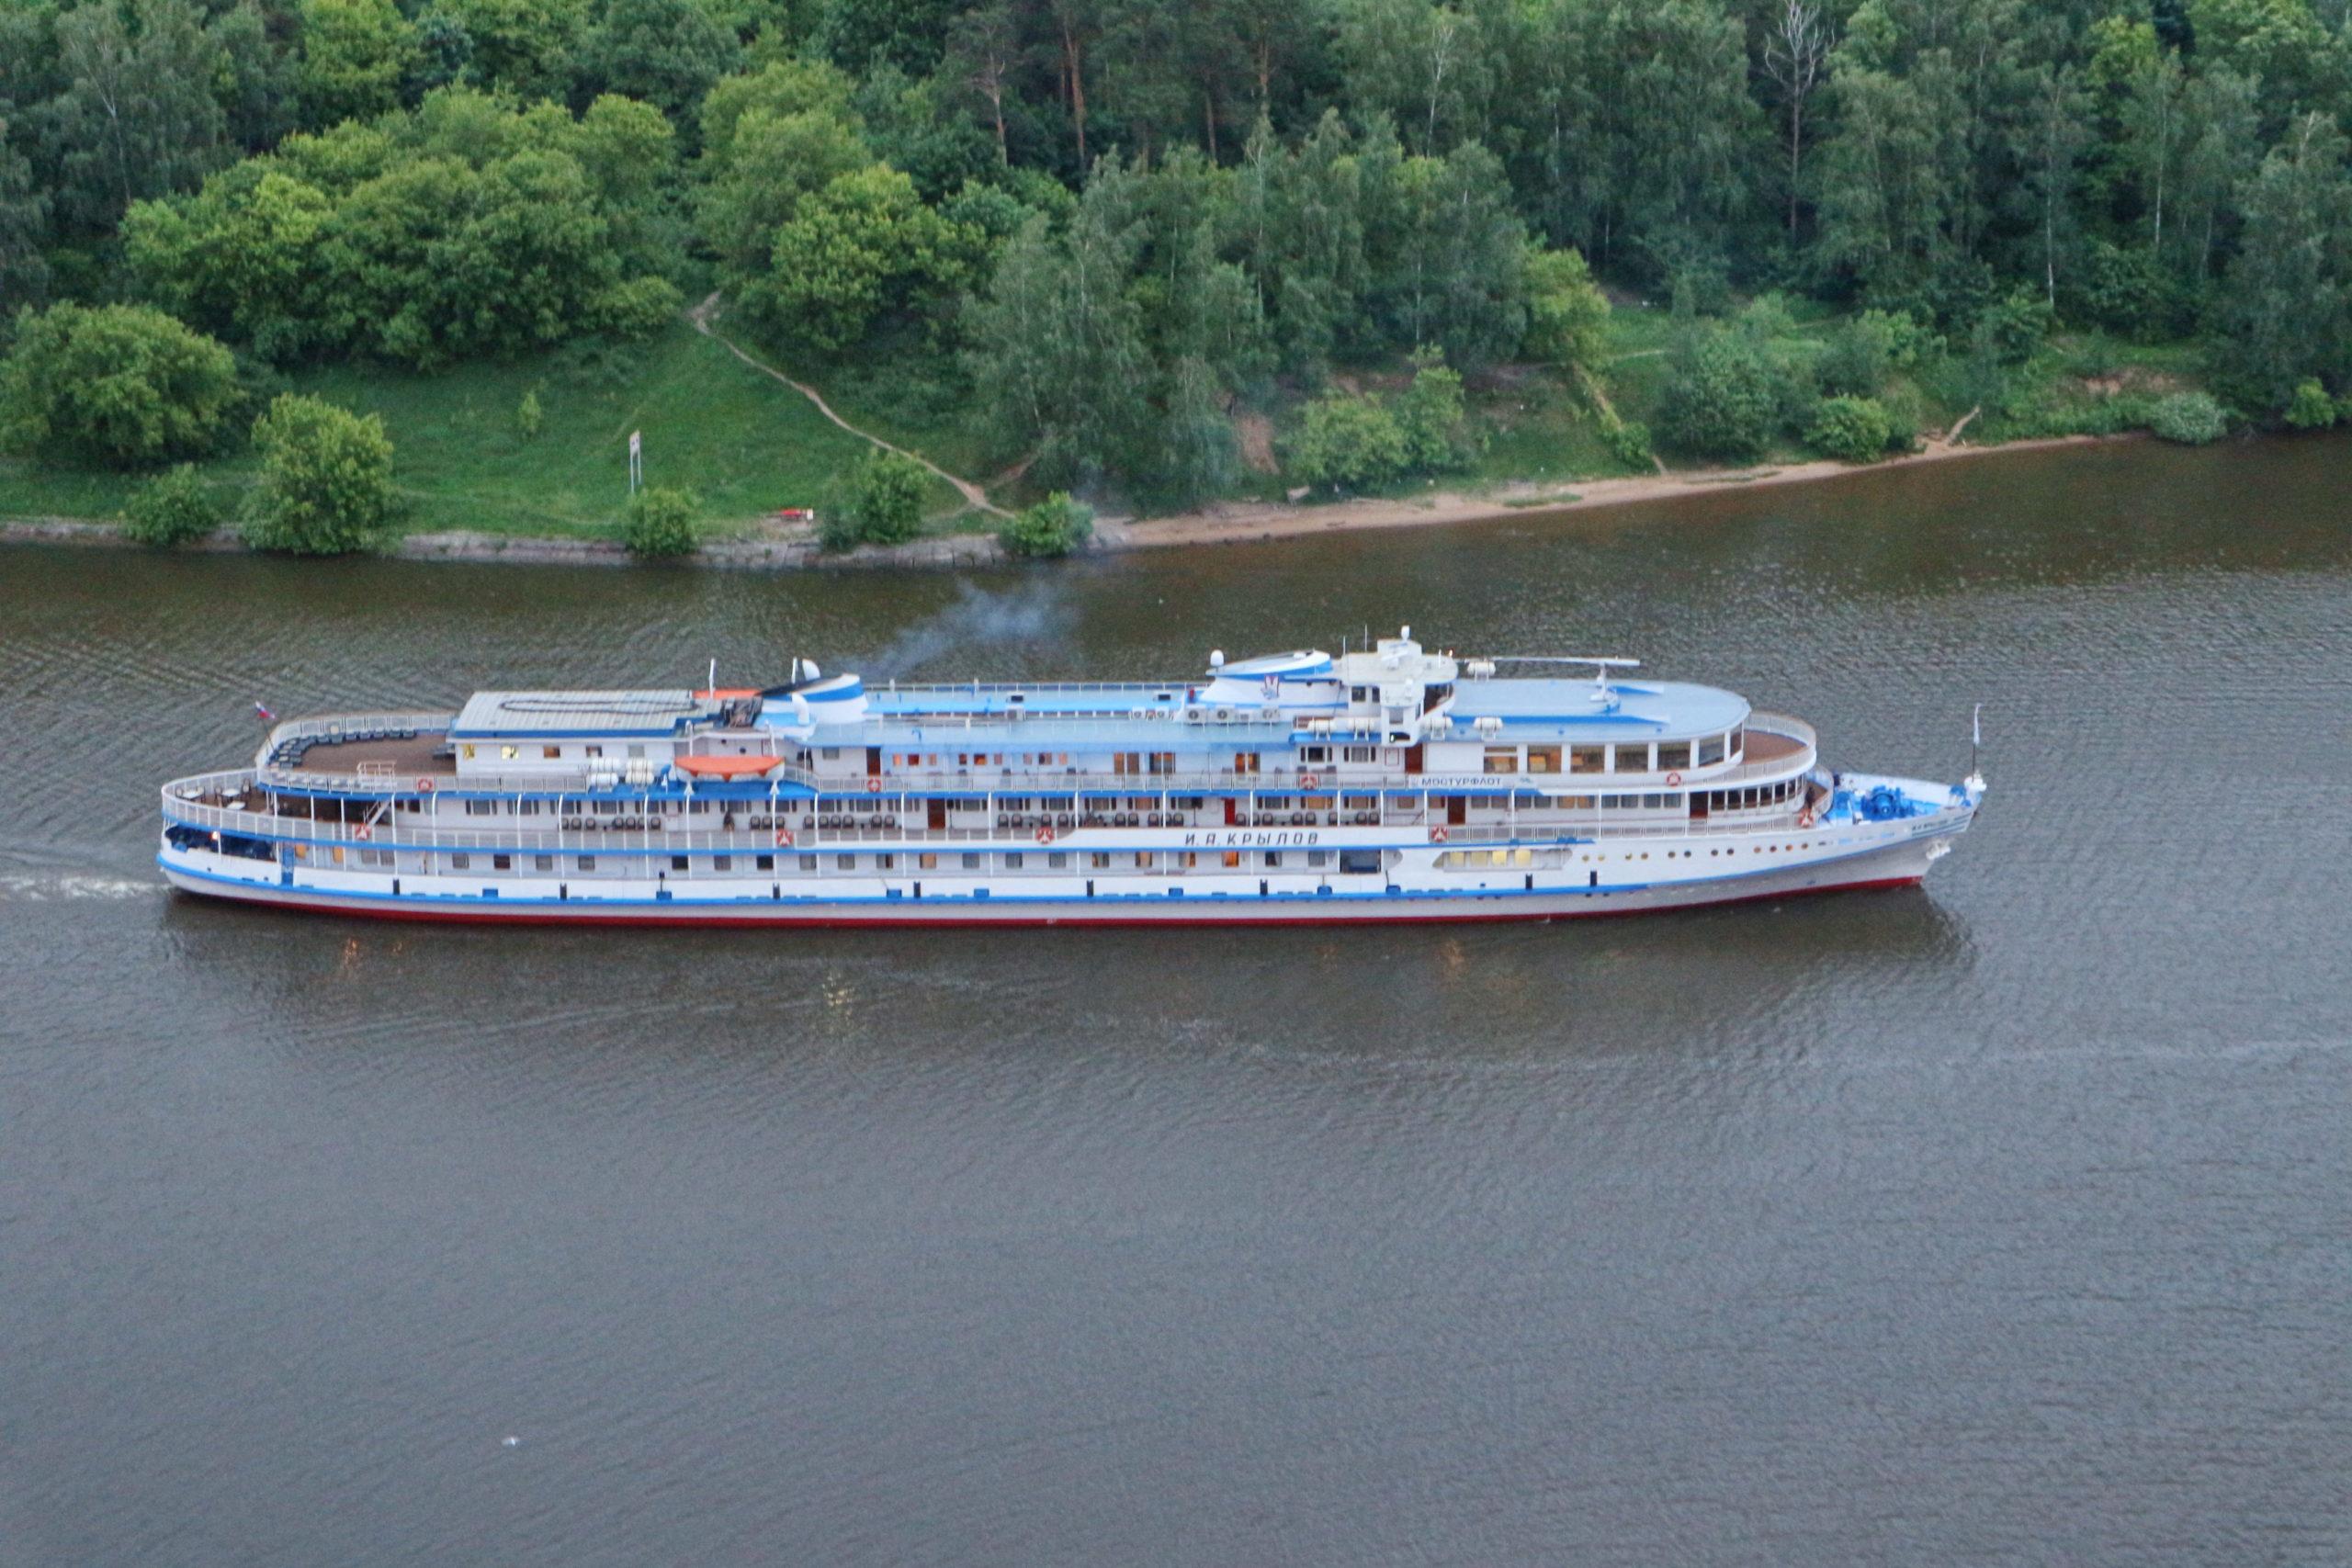 В Тверской области начнут строить инфраструктуру для обслуживания туристических судов